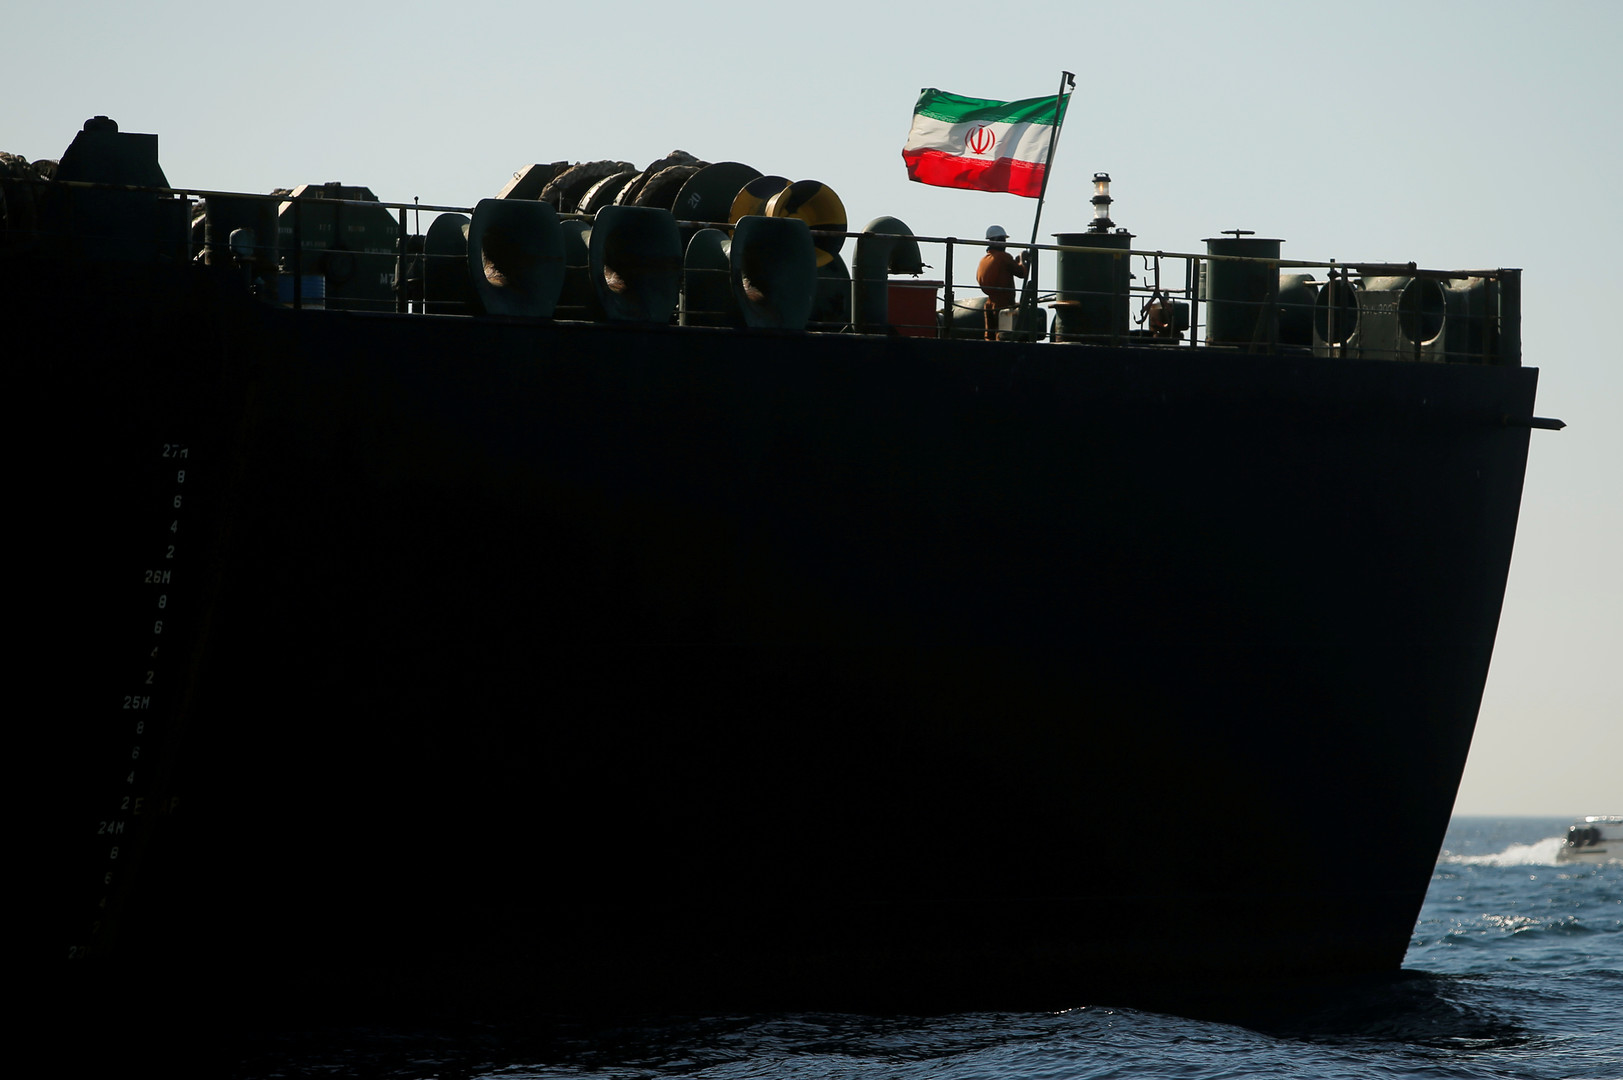 نتيجة بحث الصور عن أنقرة: لا معلومات لنا حول توجه ناقلة النفط الإيرانية إلى تركيا